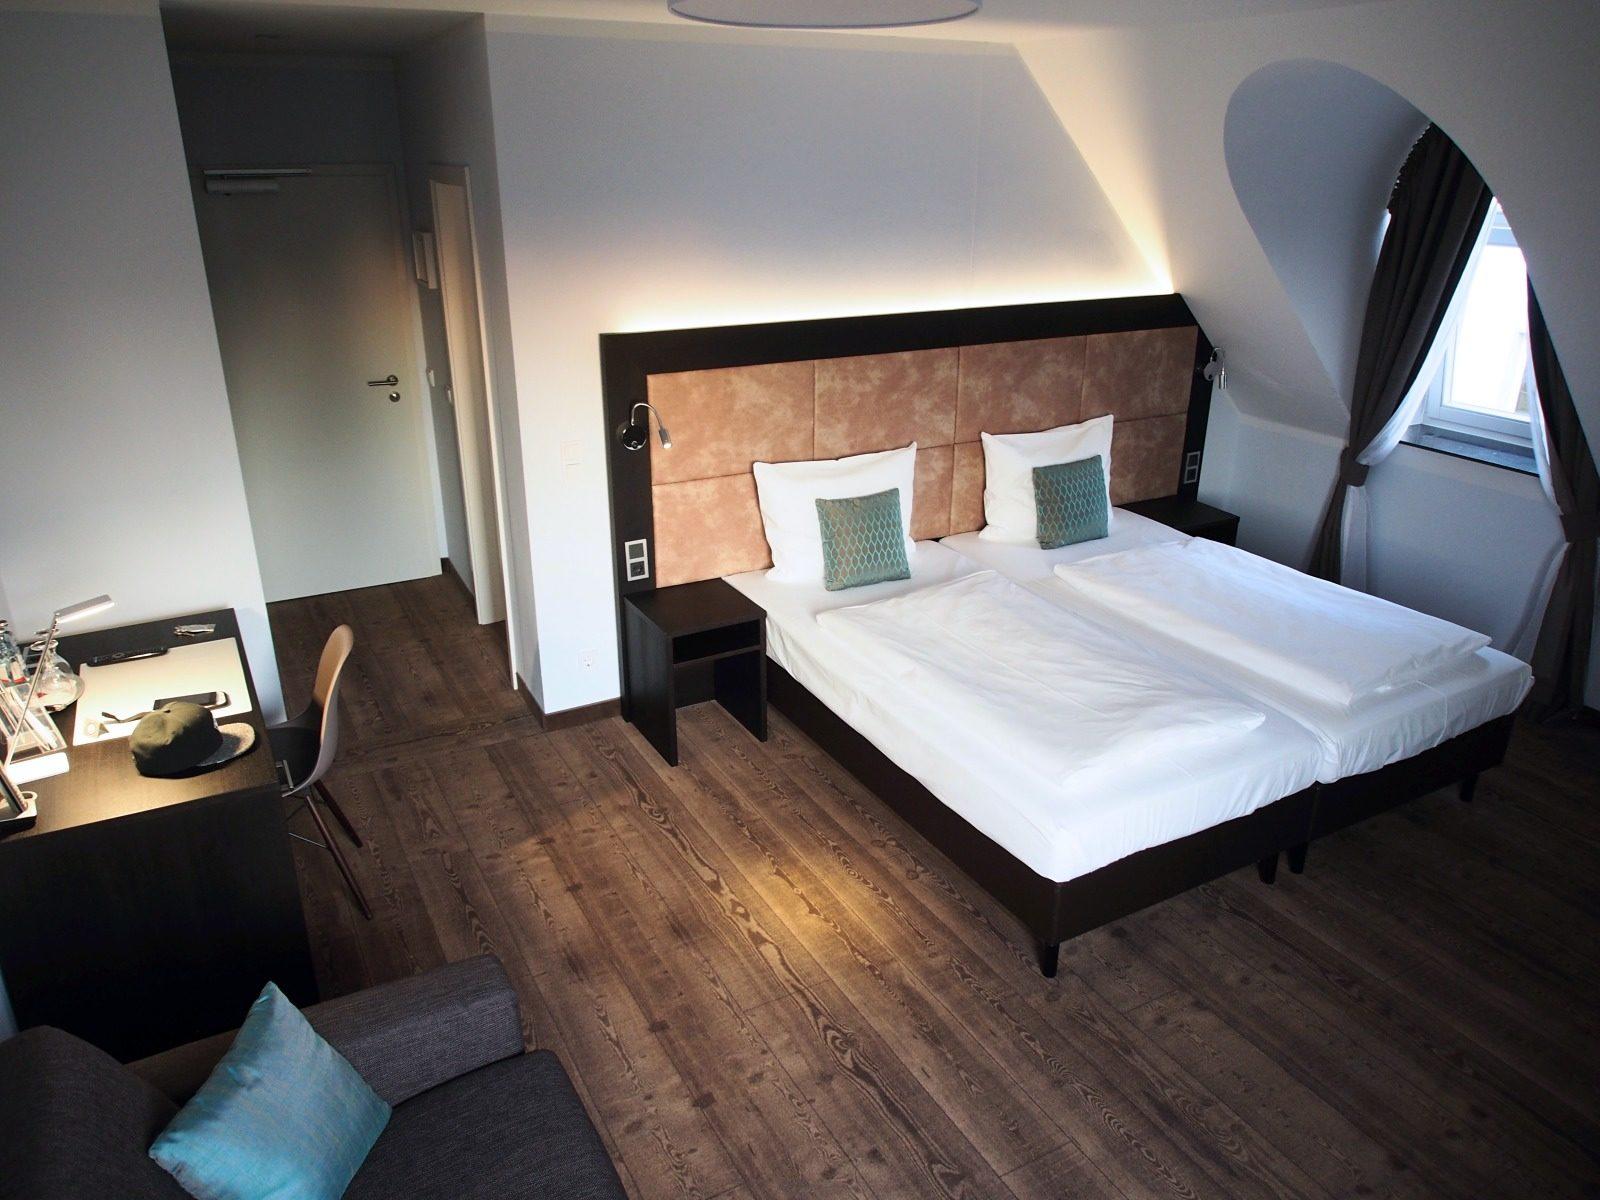 Eine Nacht Im Schonen Hotel Uhu In Koln Delbruck